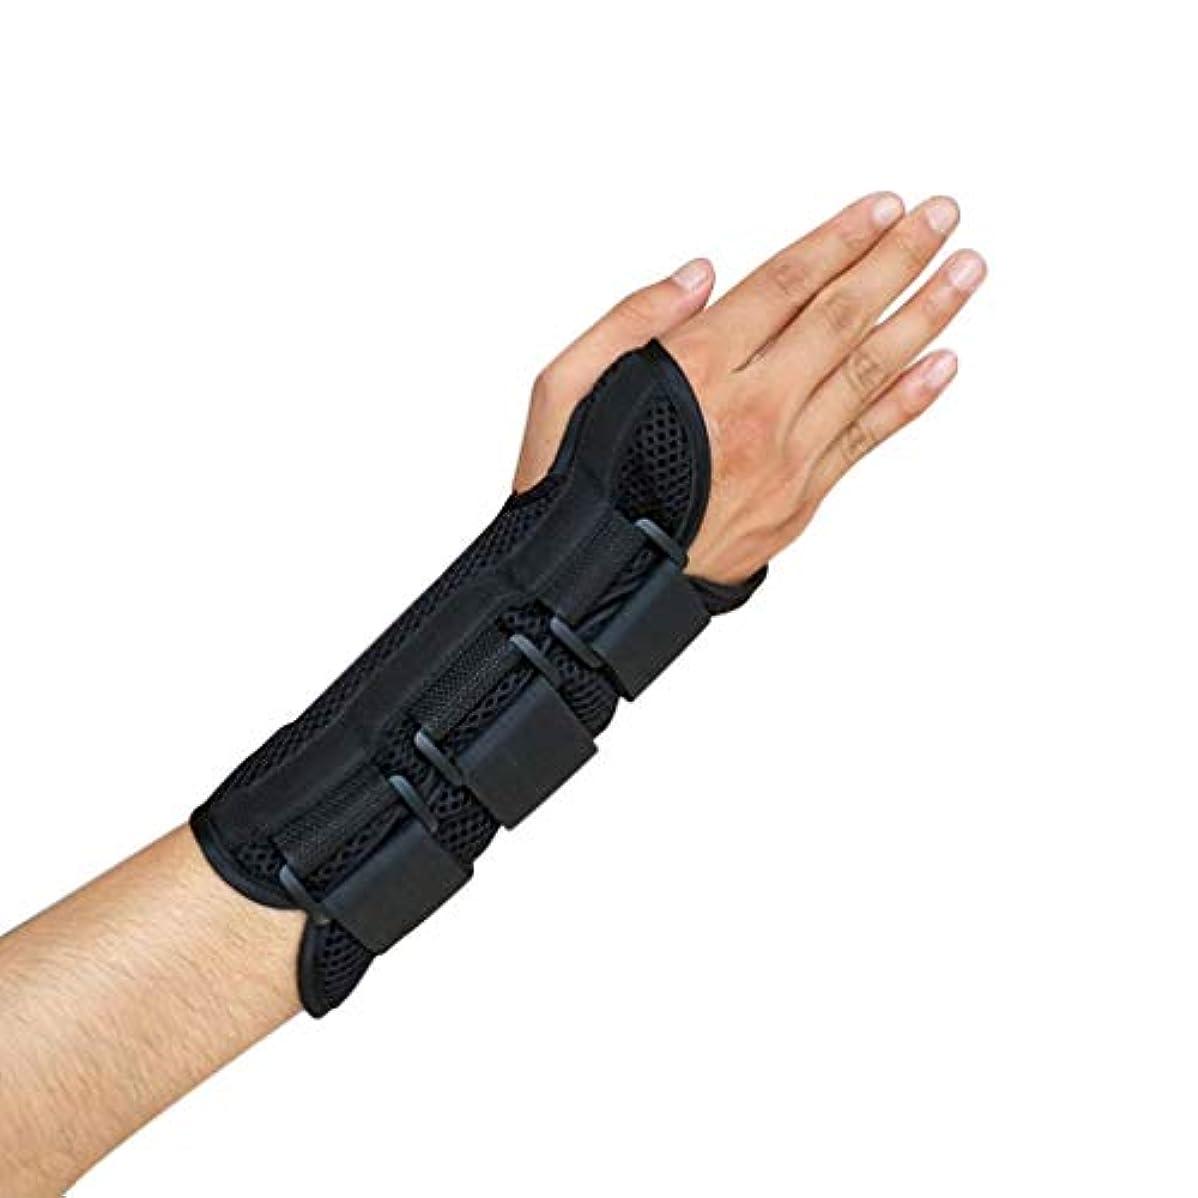 敬意を表する休戦高い手根管手首ブレースサポート捻Sp前腕スプリントバンドストラップ保護-Rustle666